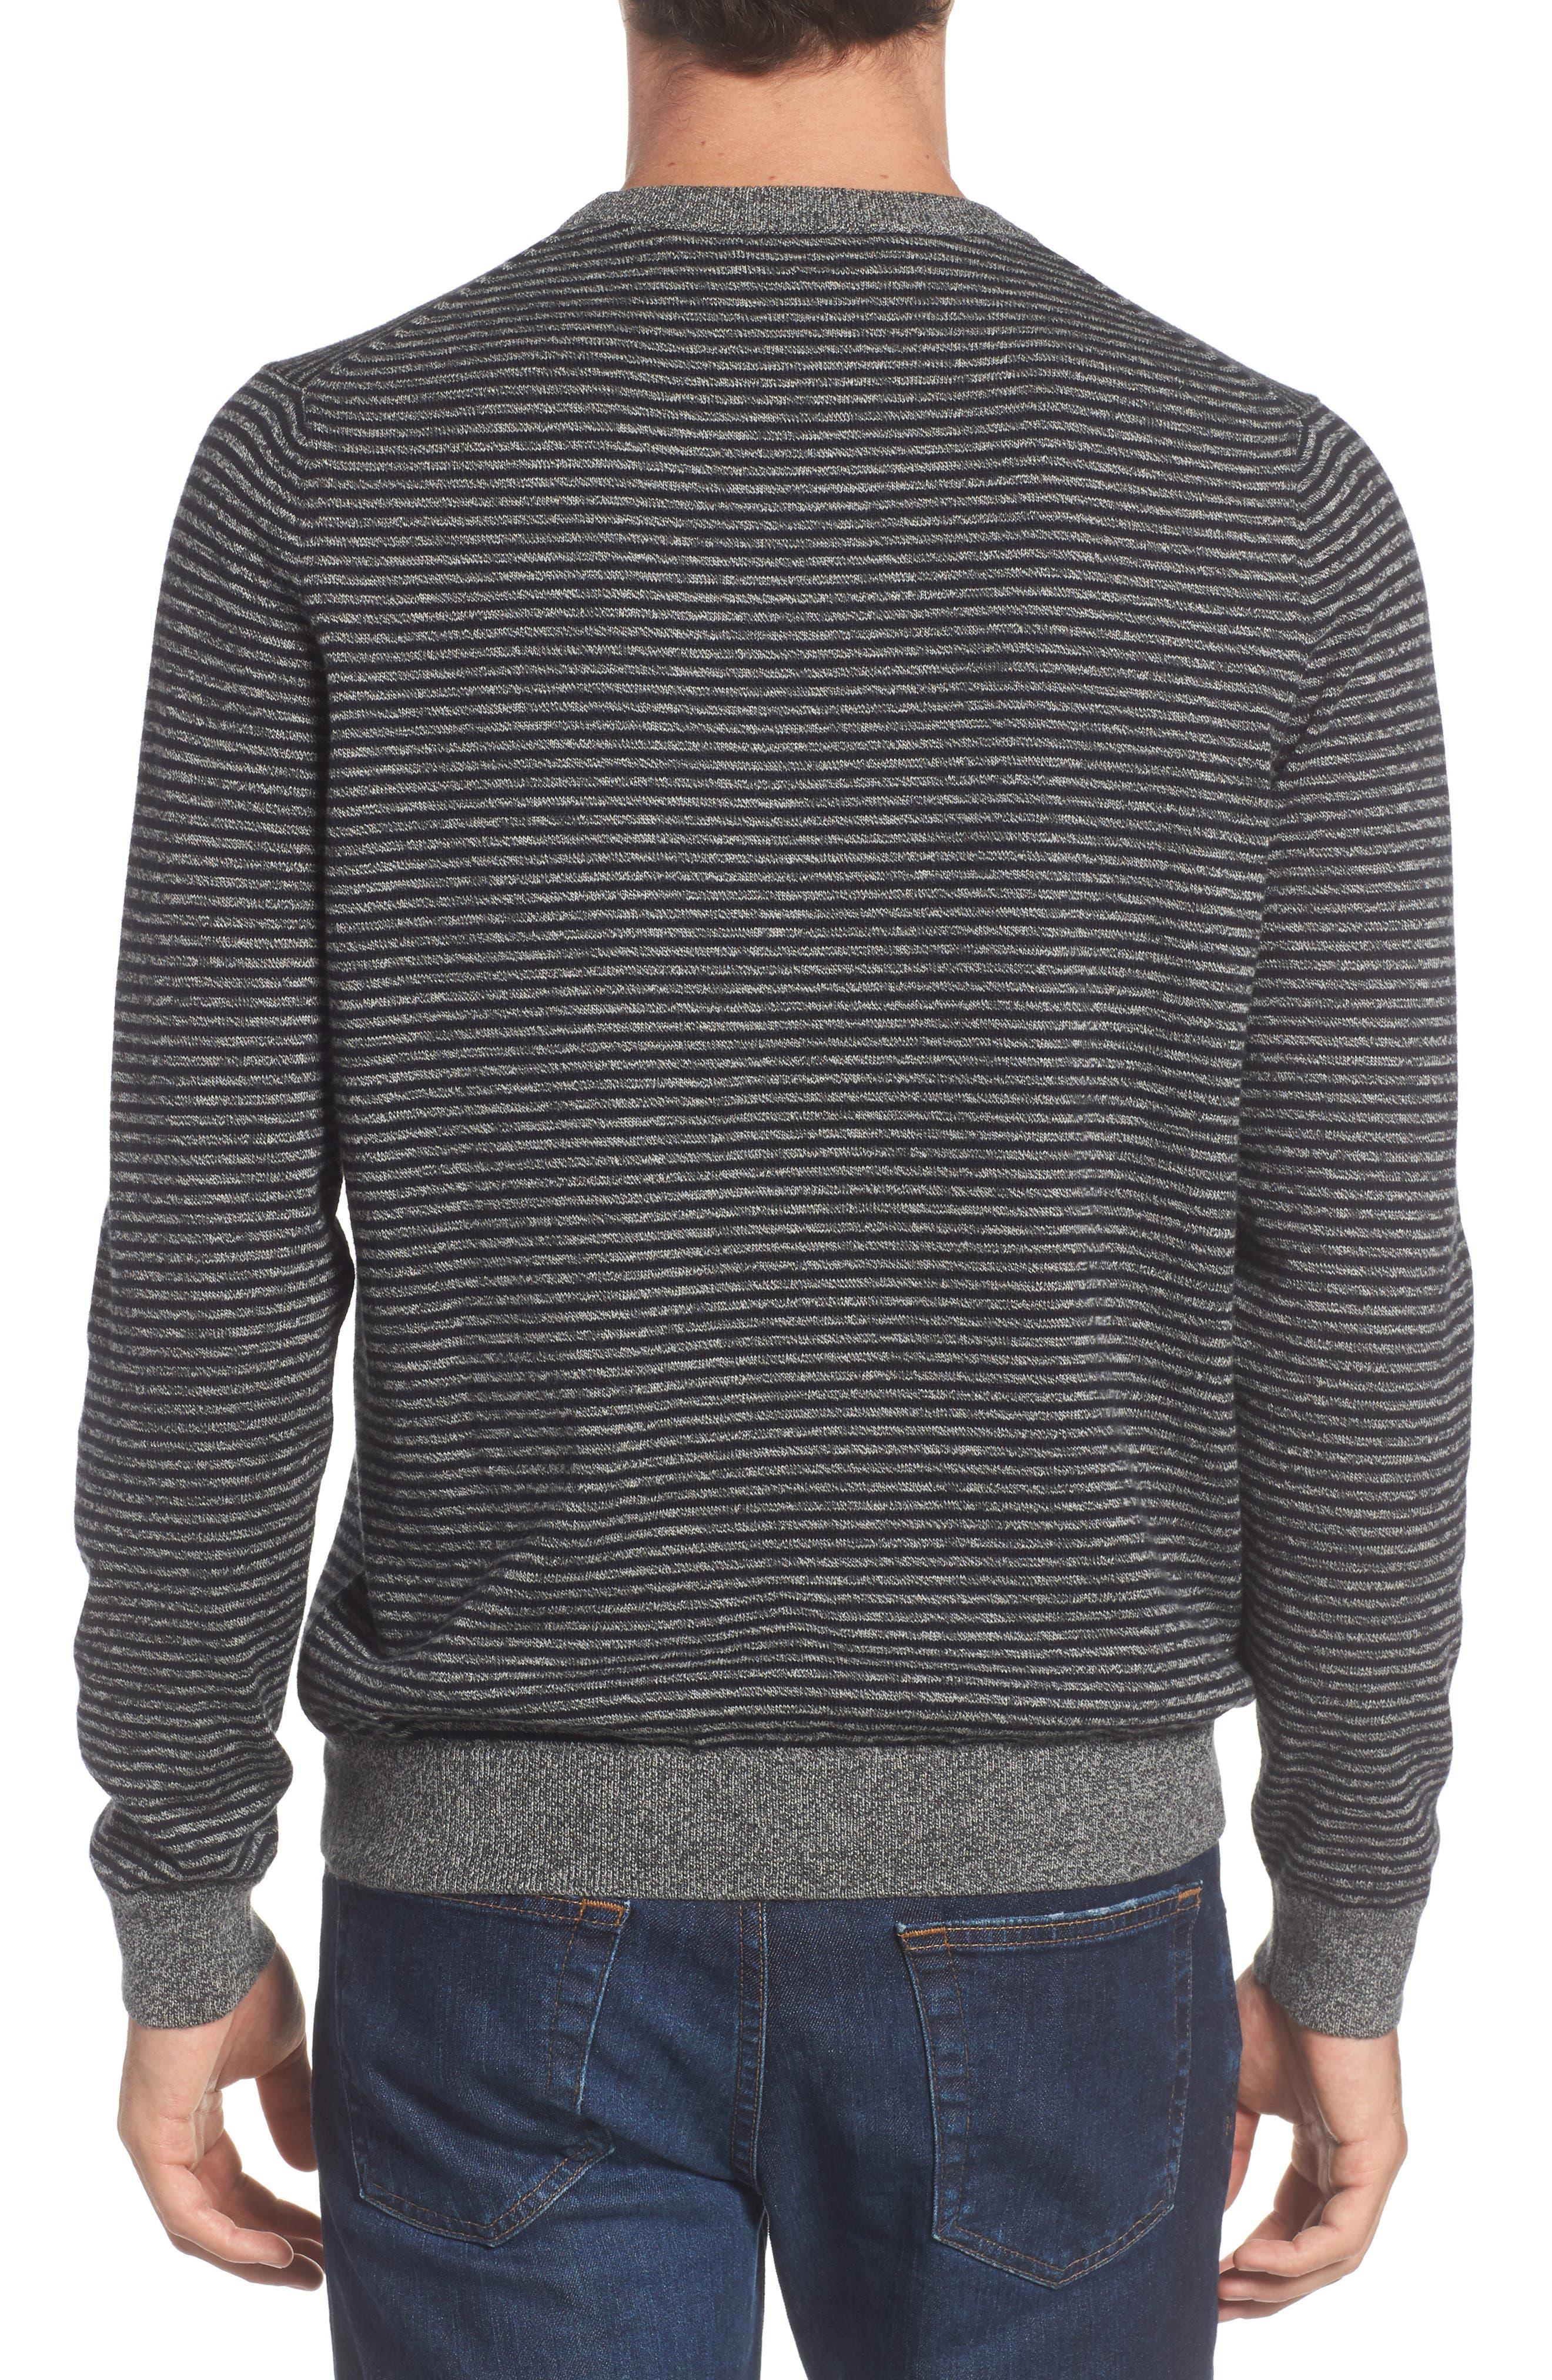 Stripe Cotton & Cashmere Crewneck Sweater,                             Alternate thumbnail 2, color,                             001